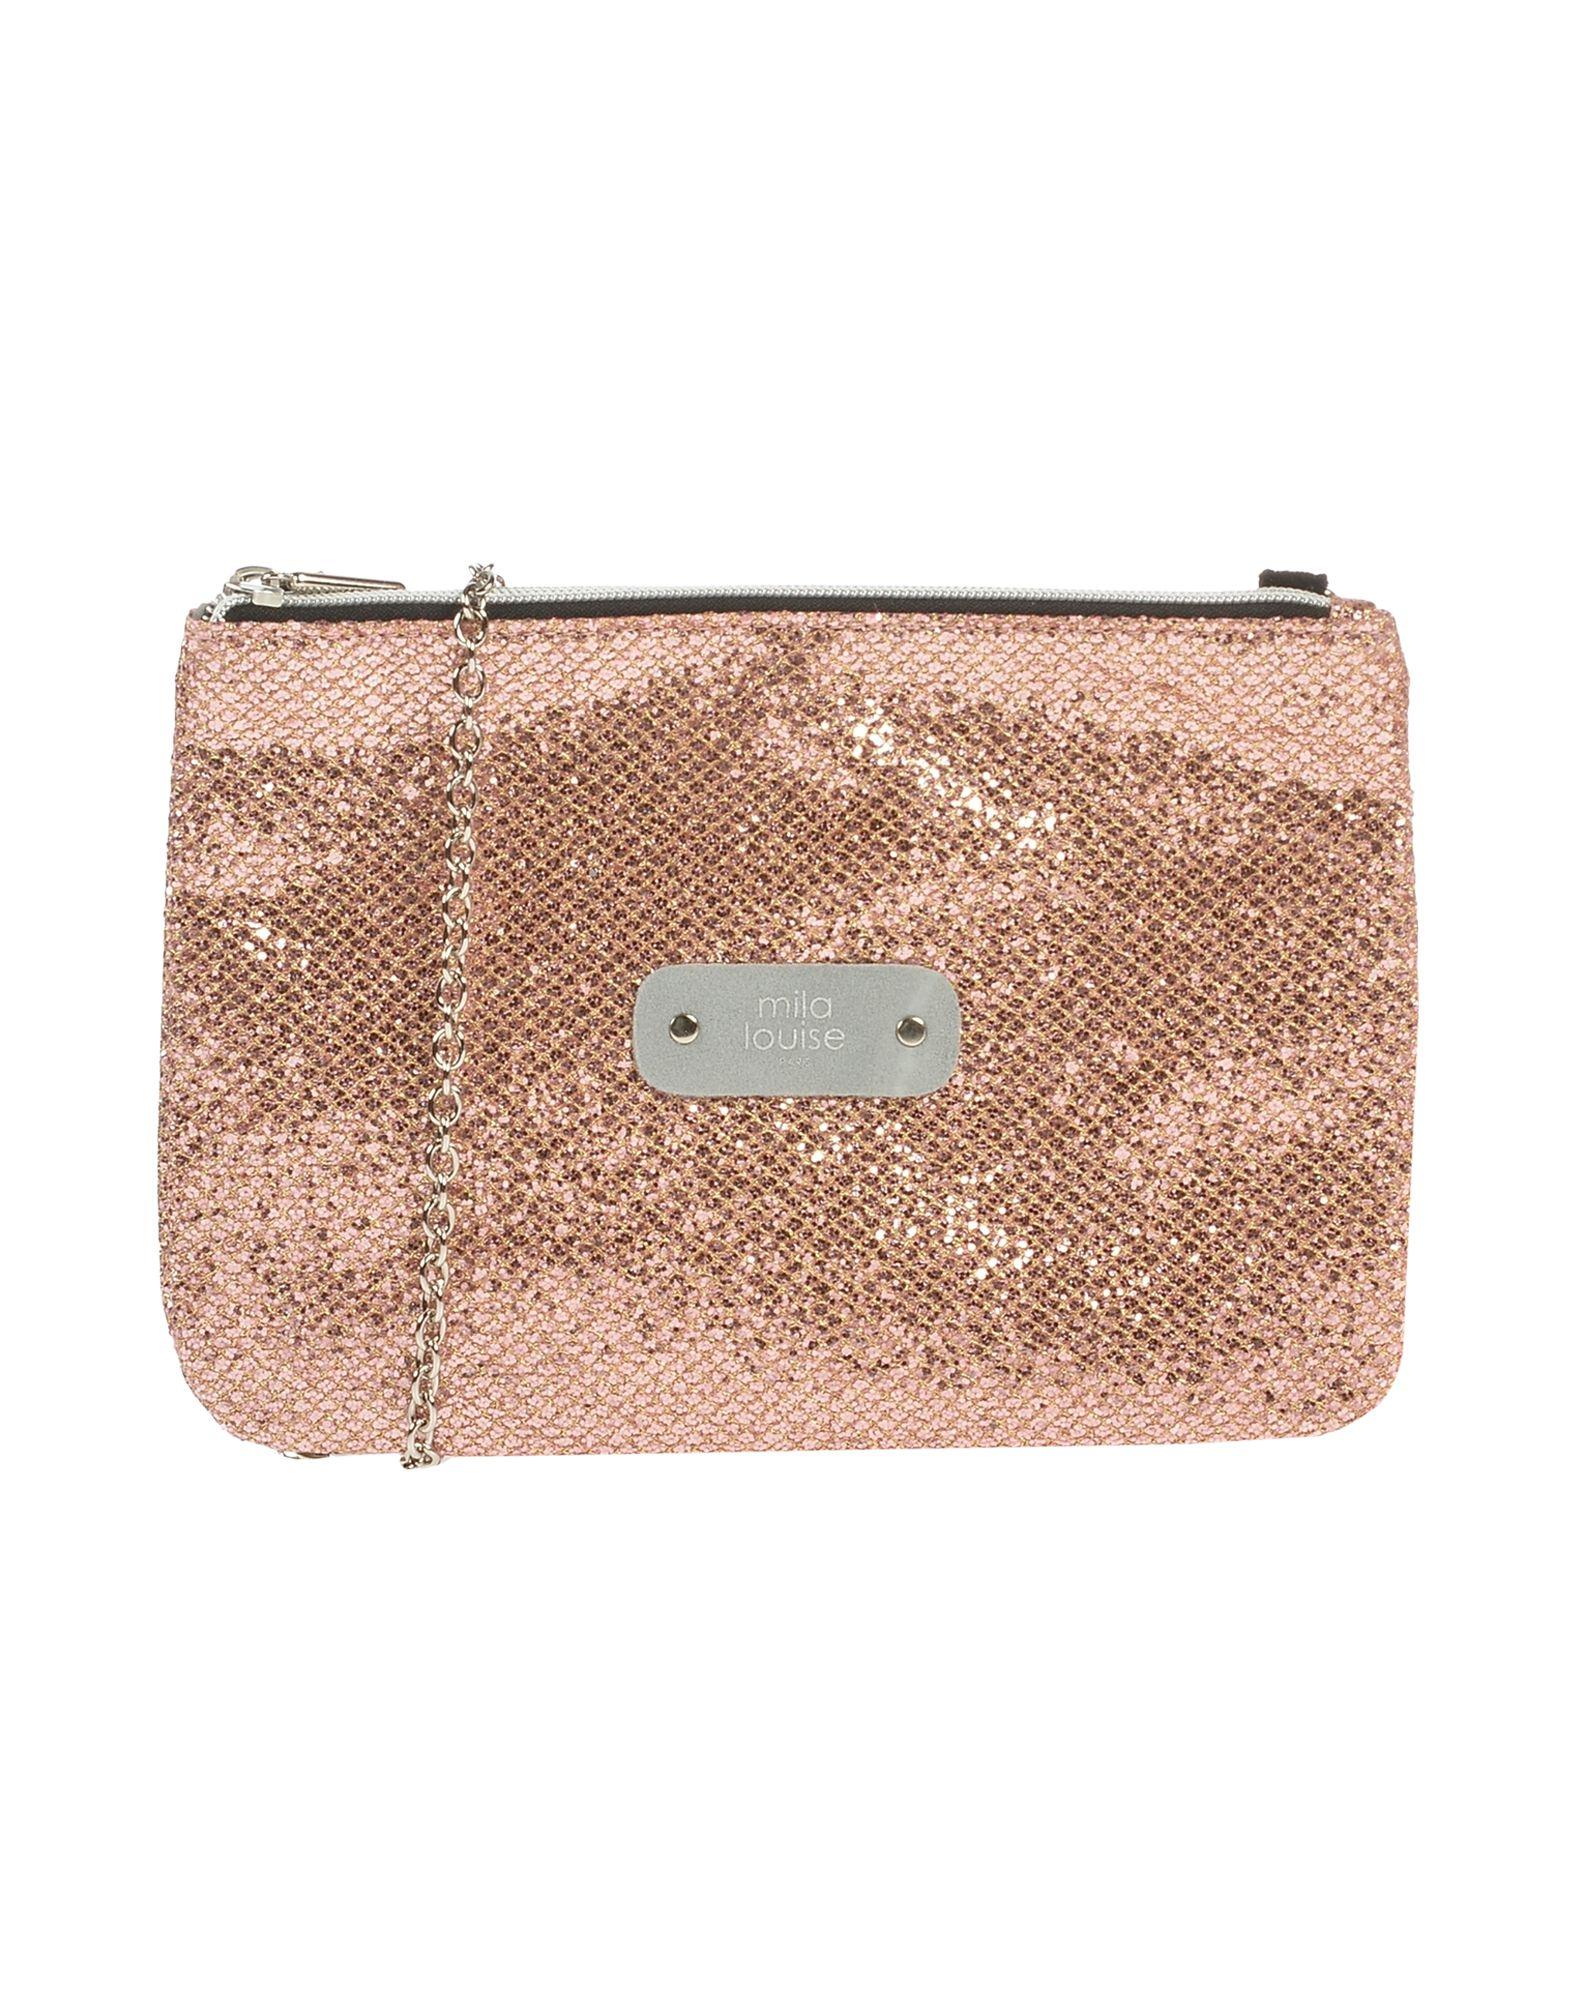 《送料無料》MILA LOUISE レディース ハンドバッグ ピンク ポリエステル